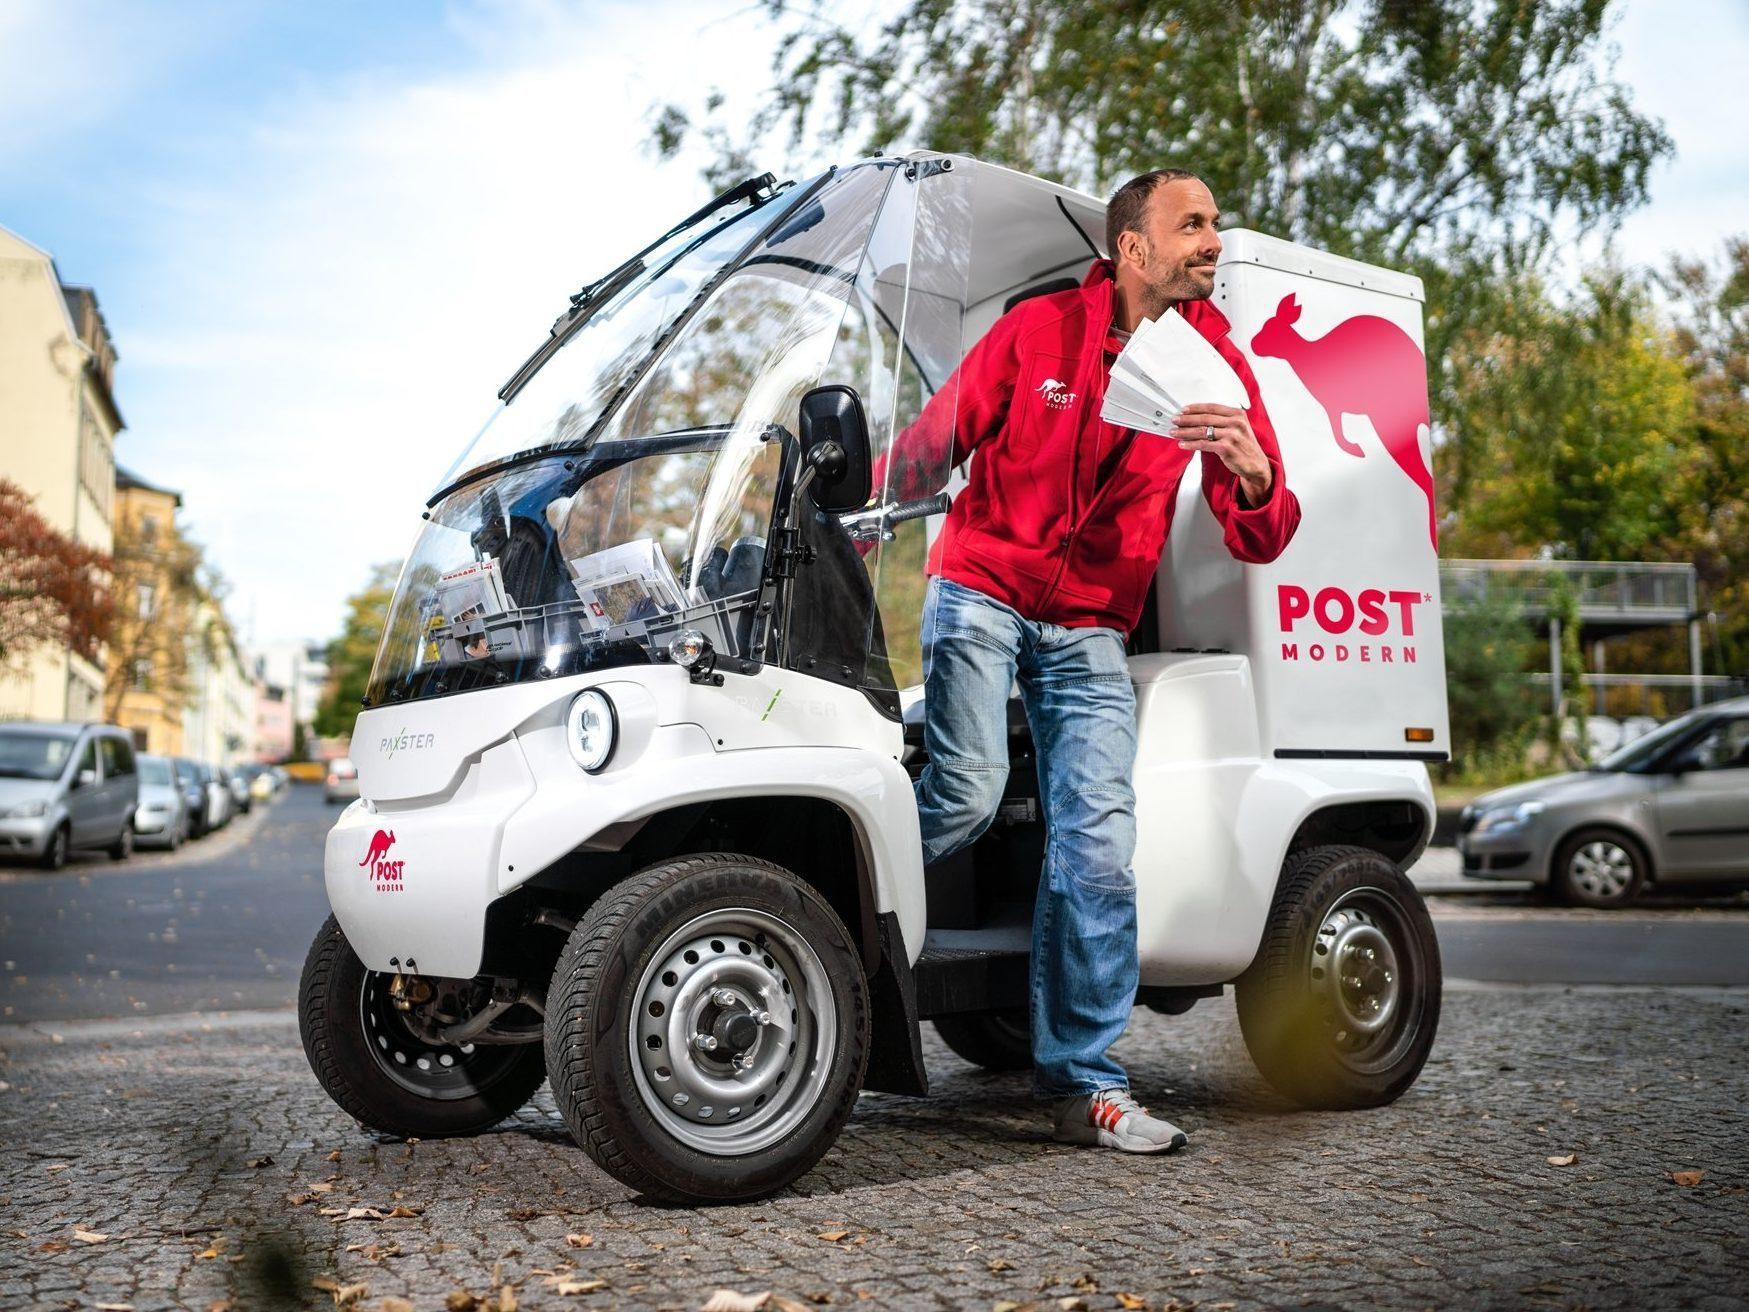 Zusteller fährt mit Paxster in Dresden zum Kunden